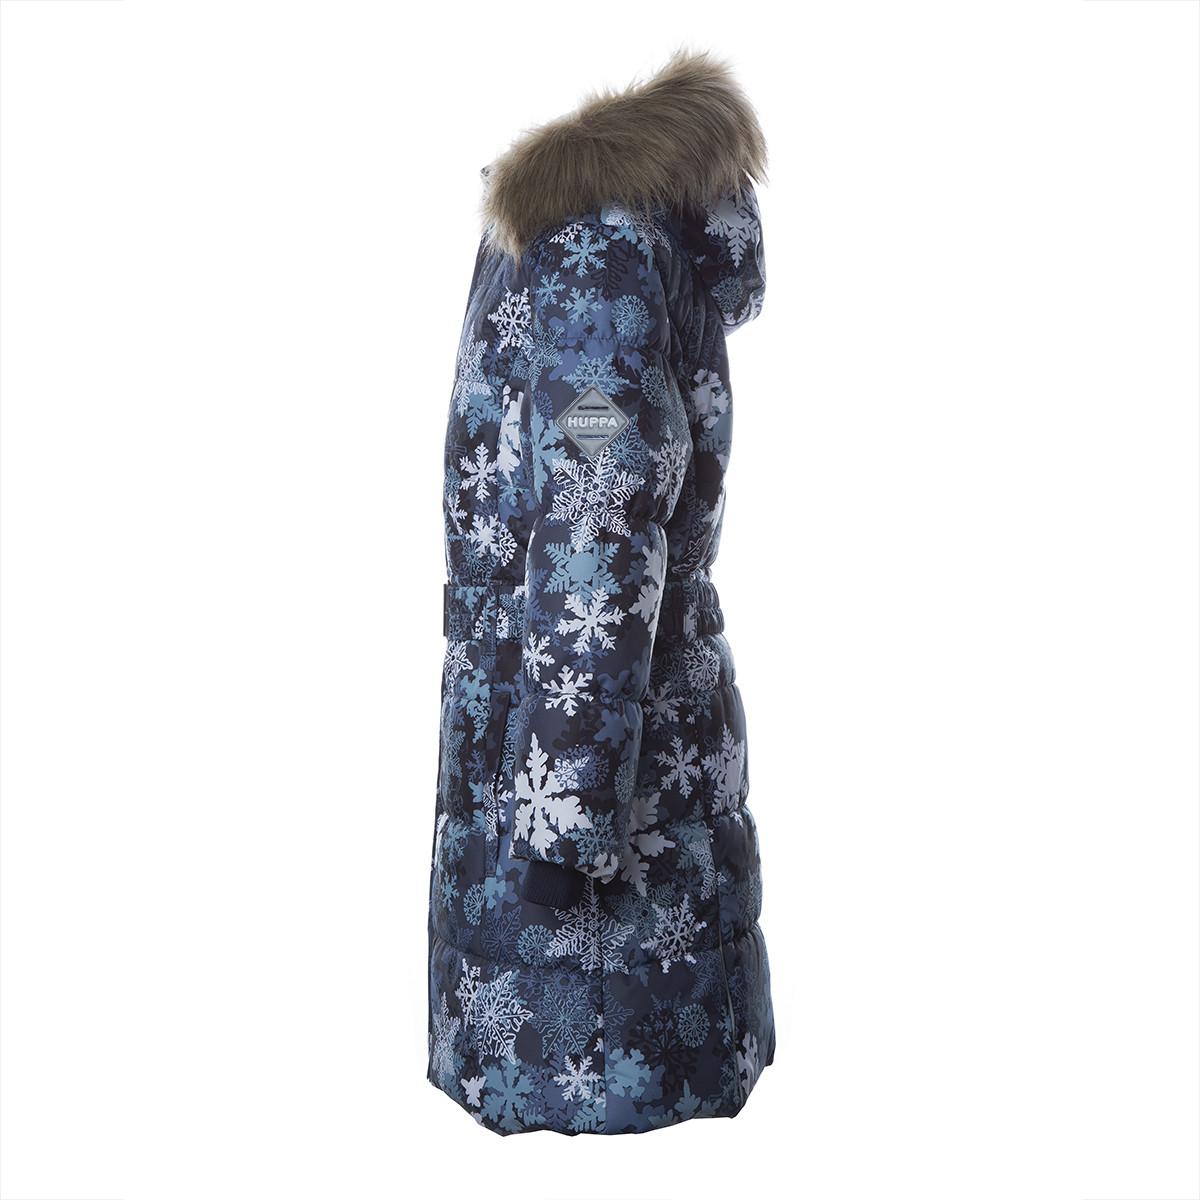 Пальто для девочек Huppa YACARANDA, тёмно-синий с принтом -116 - фото 3